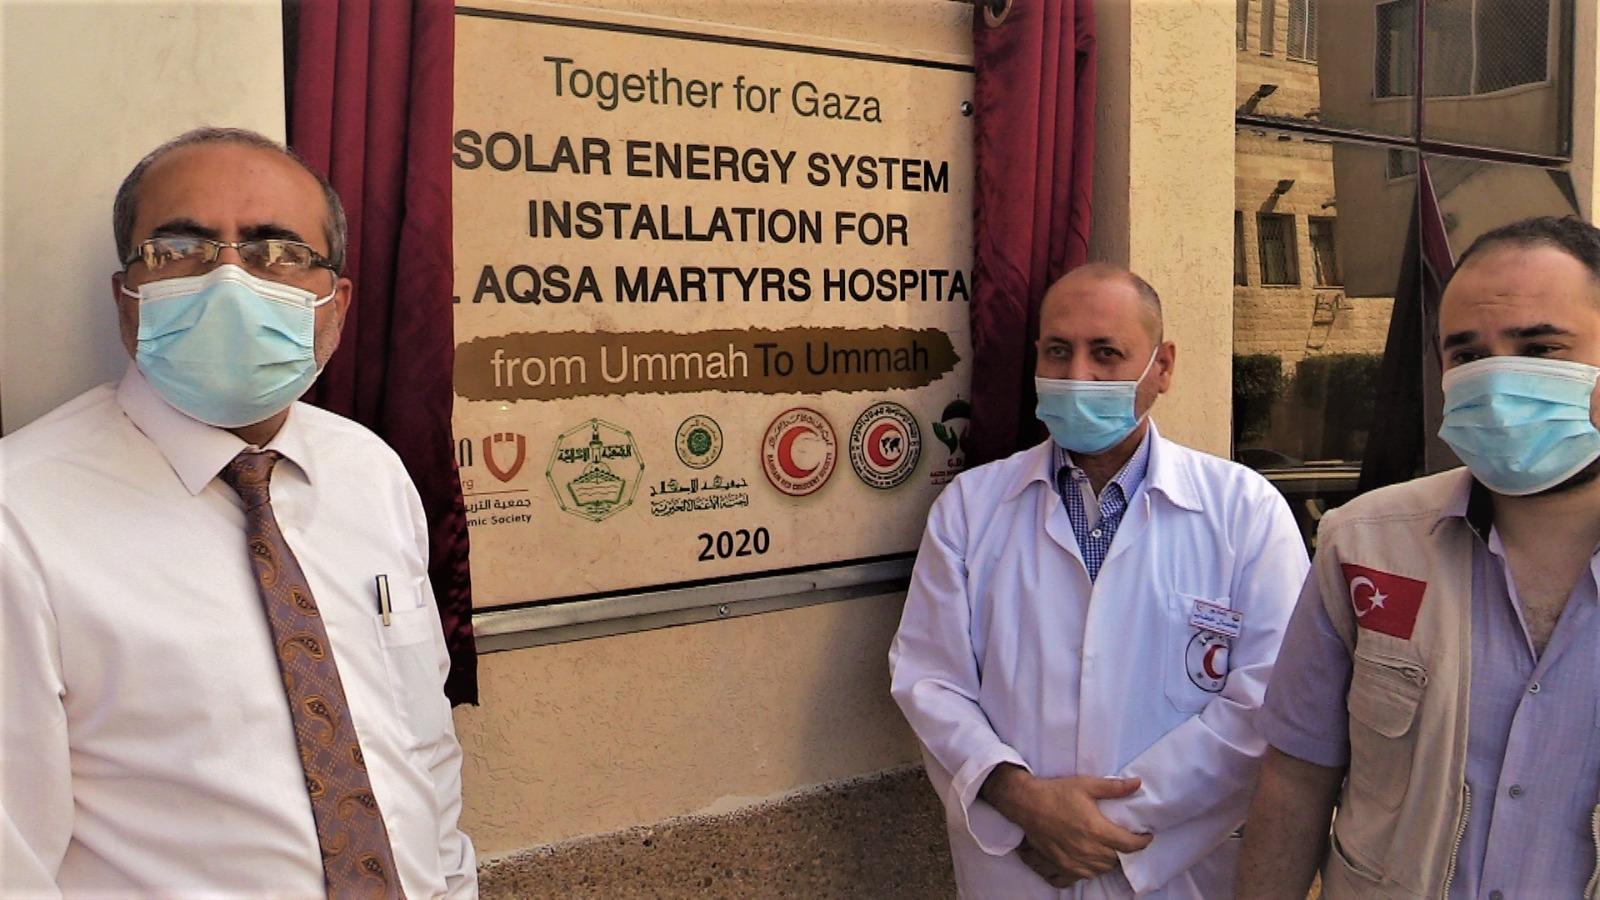 بالشراكة مع جمعية غزي ديستك… الصحة تدشن مشروع تزويد مستشفى الولادة بالطاقة الشمسية بمستشفى شهداء الأقصى